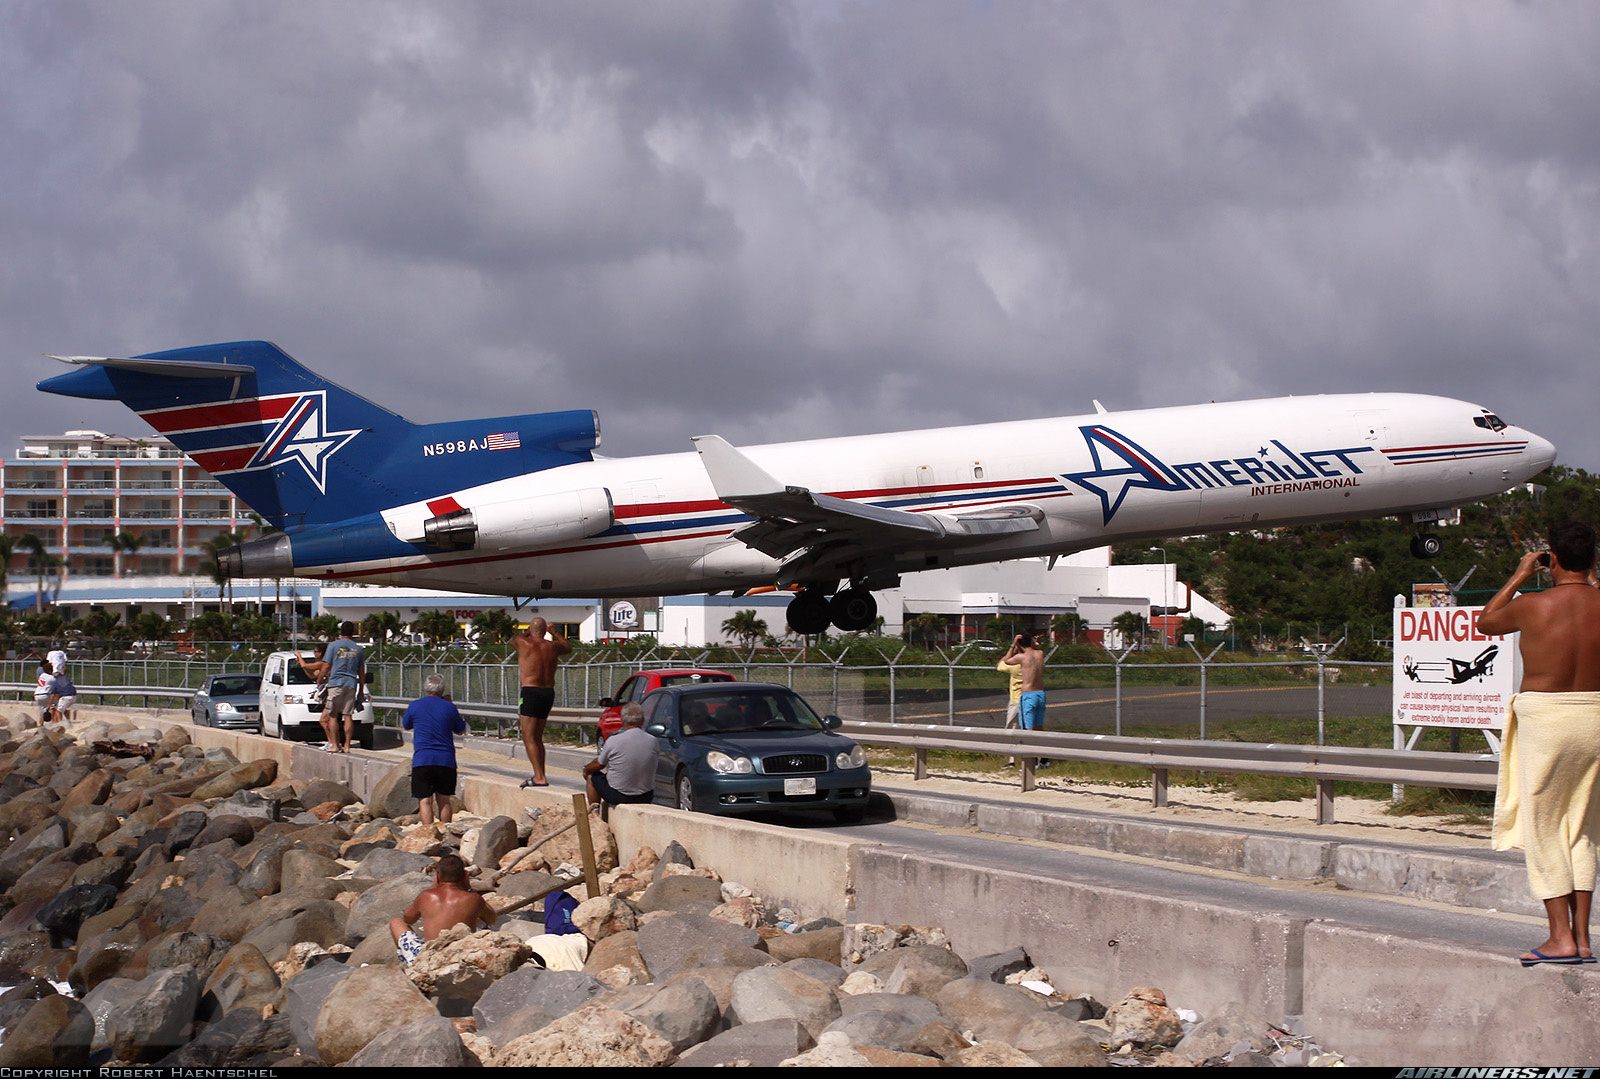 727, le plus beau après le A350 180630075652368843